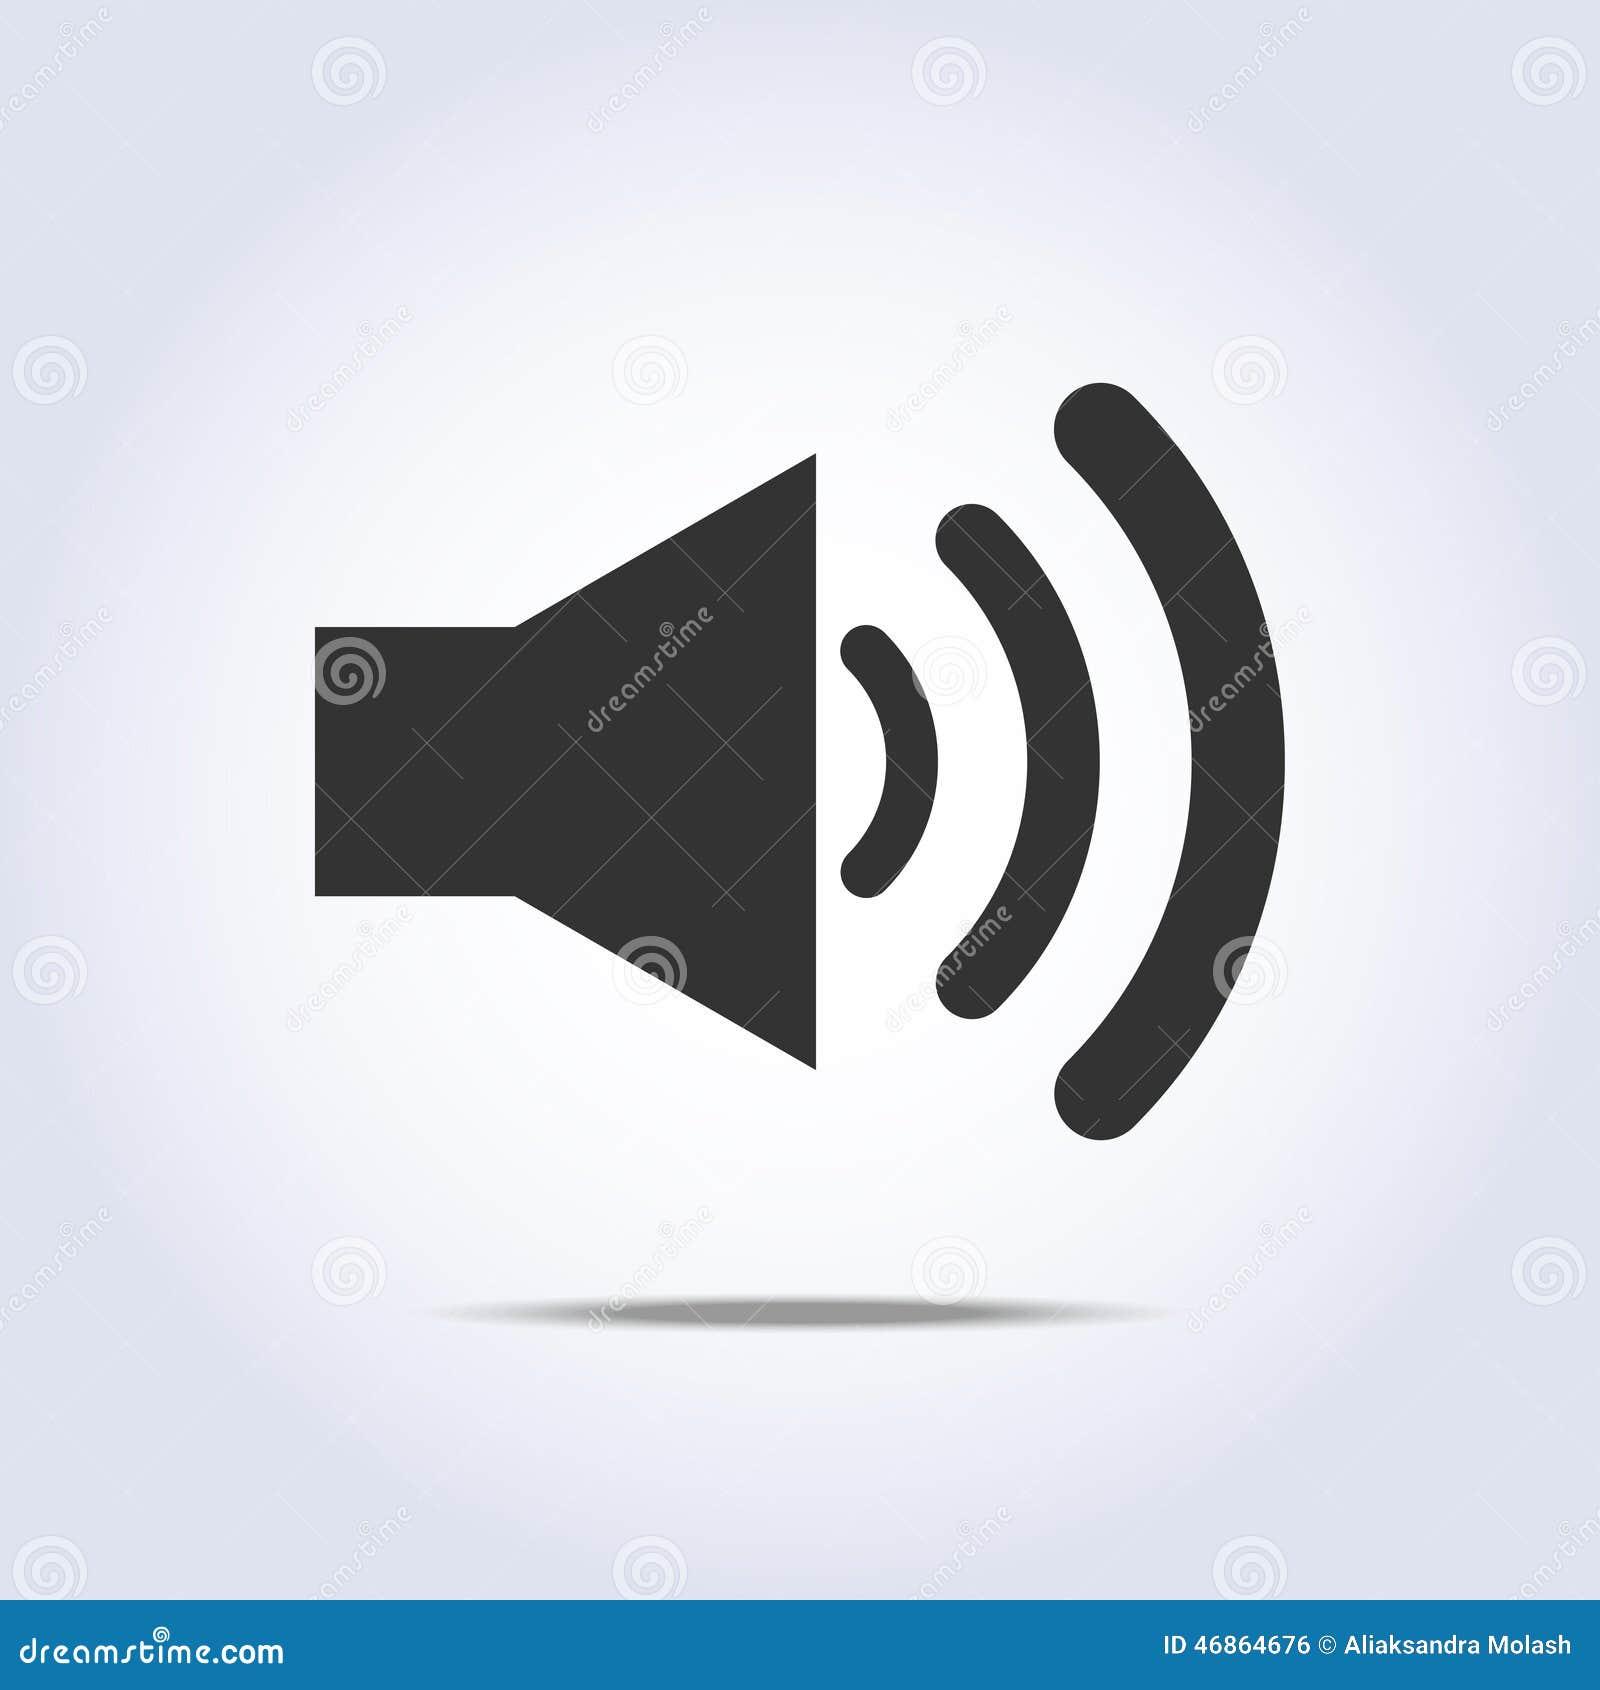 Speaker volume icon gray colors